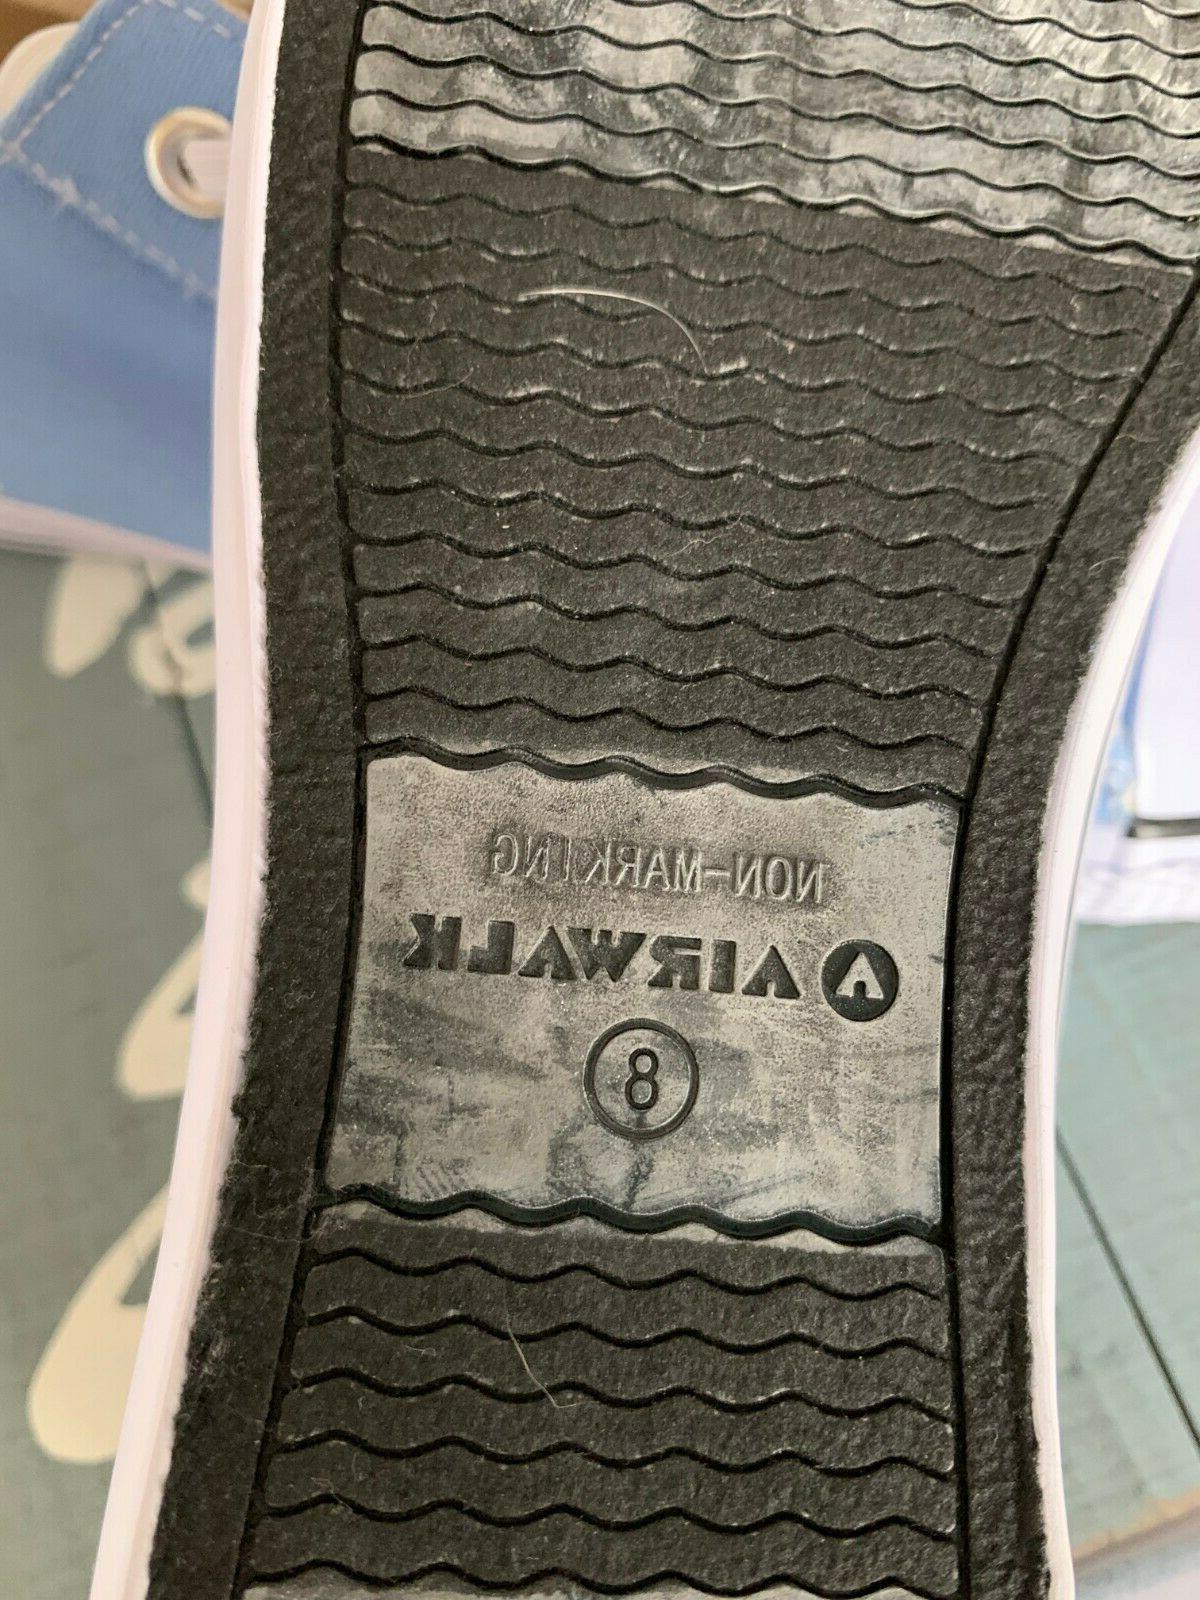 Women's sneakers blue size 8 US